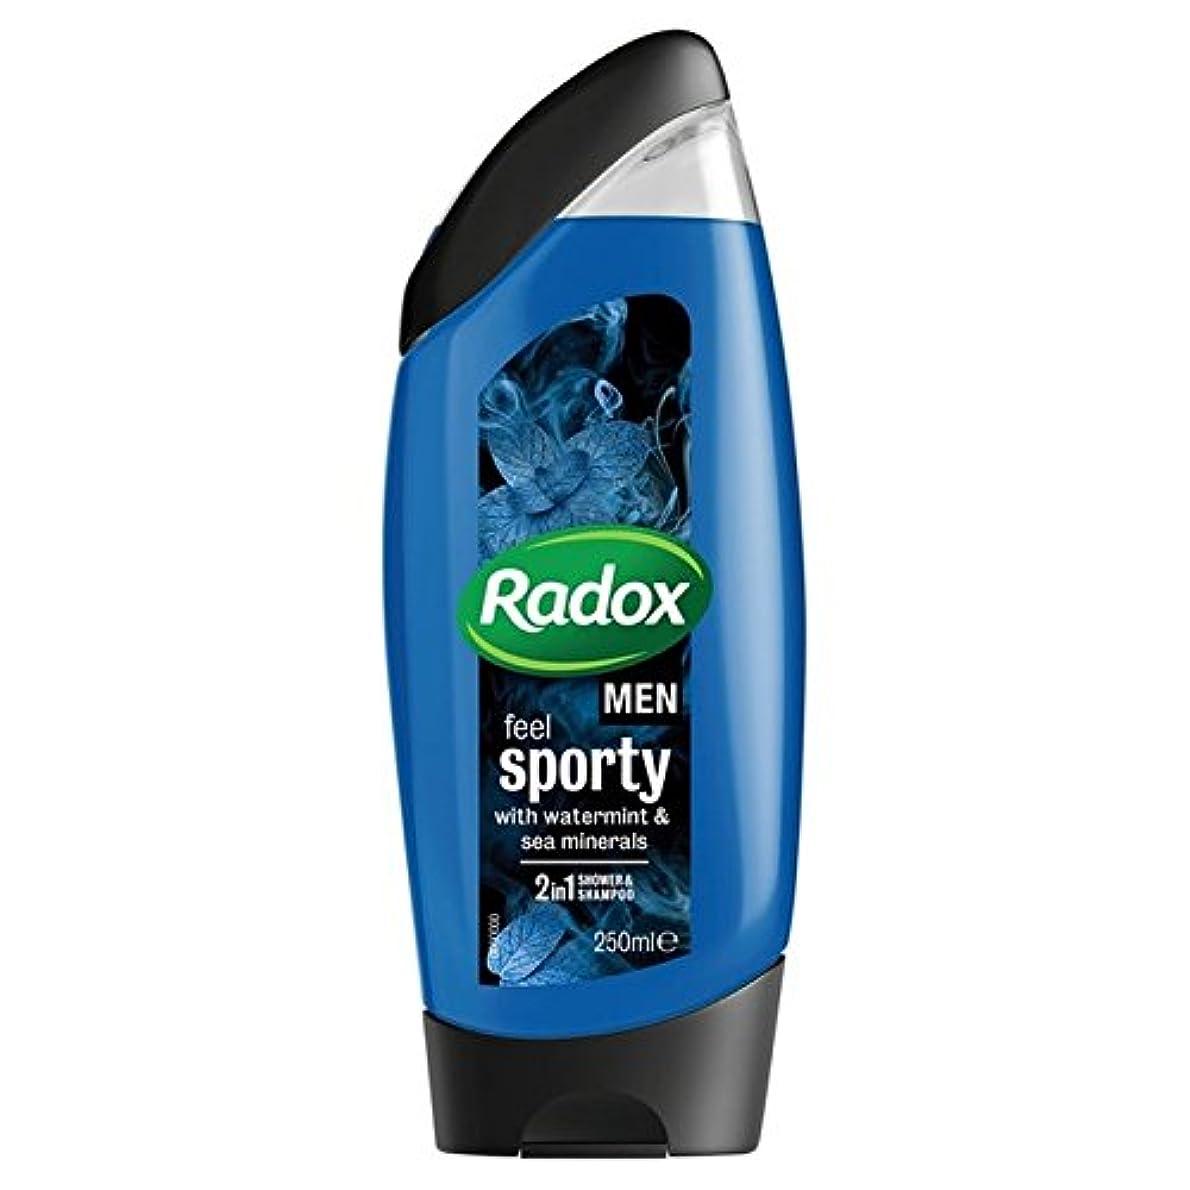 規則性仕様改善するRadox Men Feel Sporty Watermint & Sea Mineral 2in1 Shower Gel 250ml (Pack of 6) - 男性はスポーティ&海のミネラルの21のシャワージェル250...